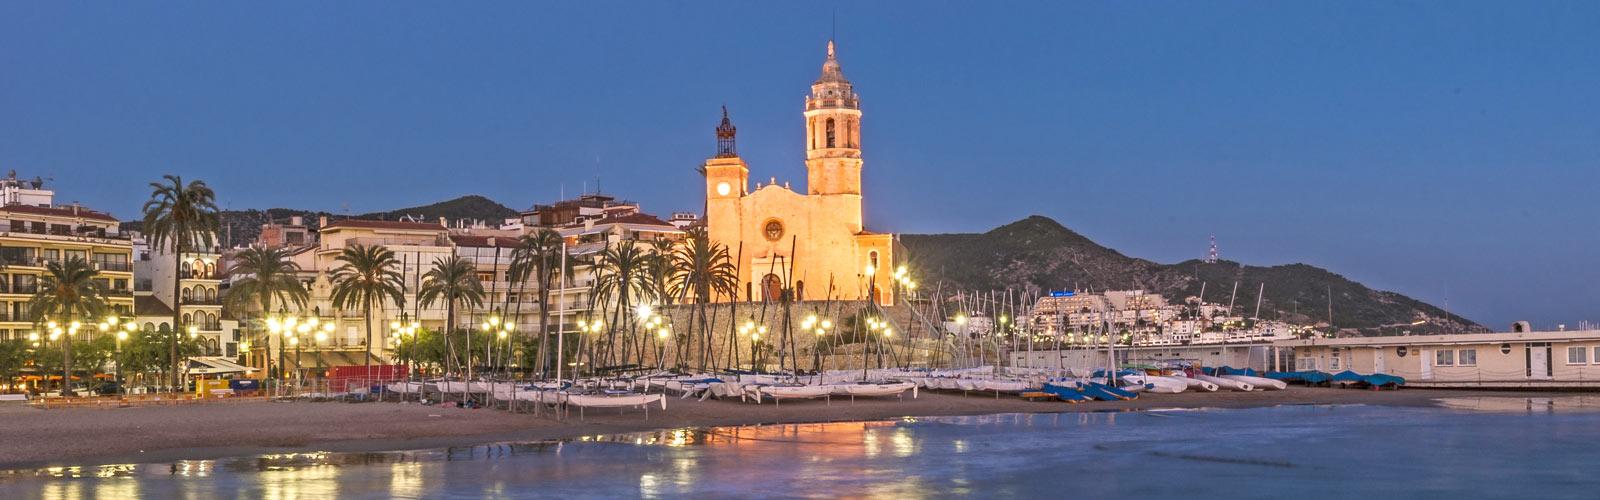 Sitges costa de barcelona garraf guia de sitges - Fotos de sitges barcelona ...